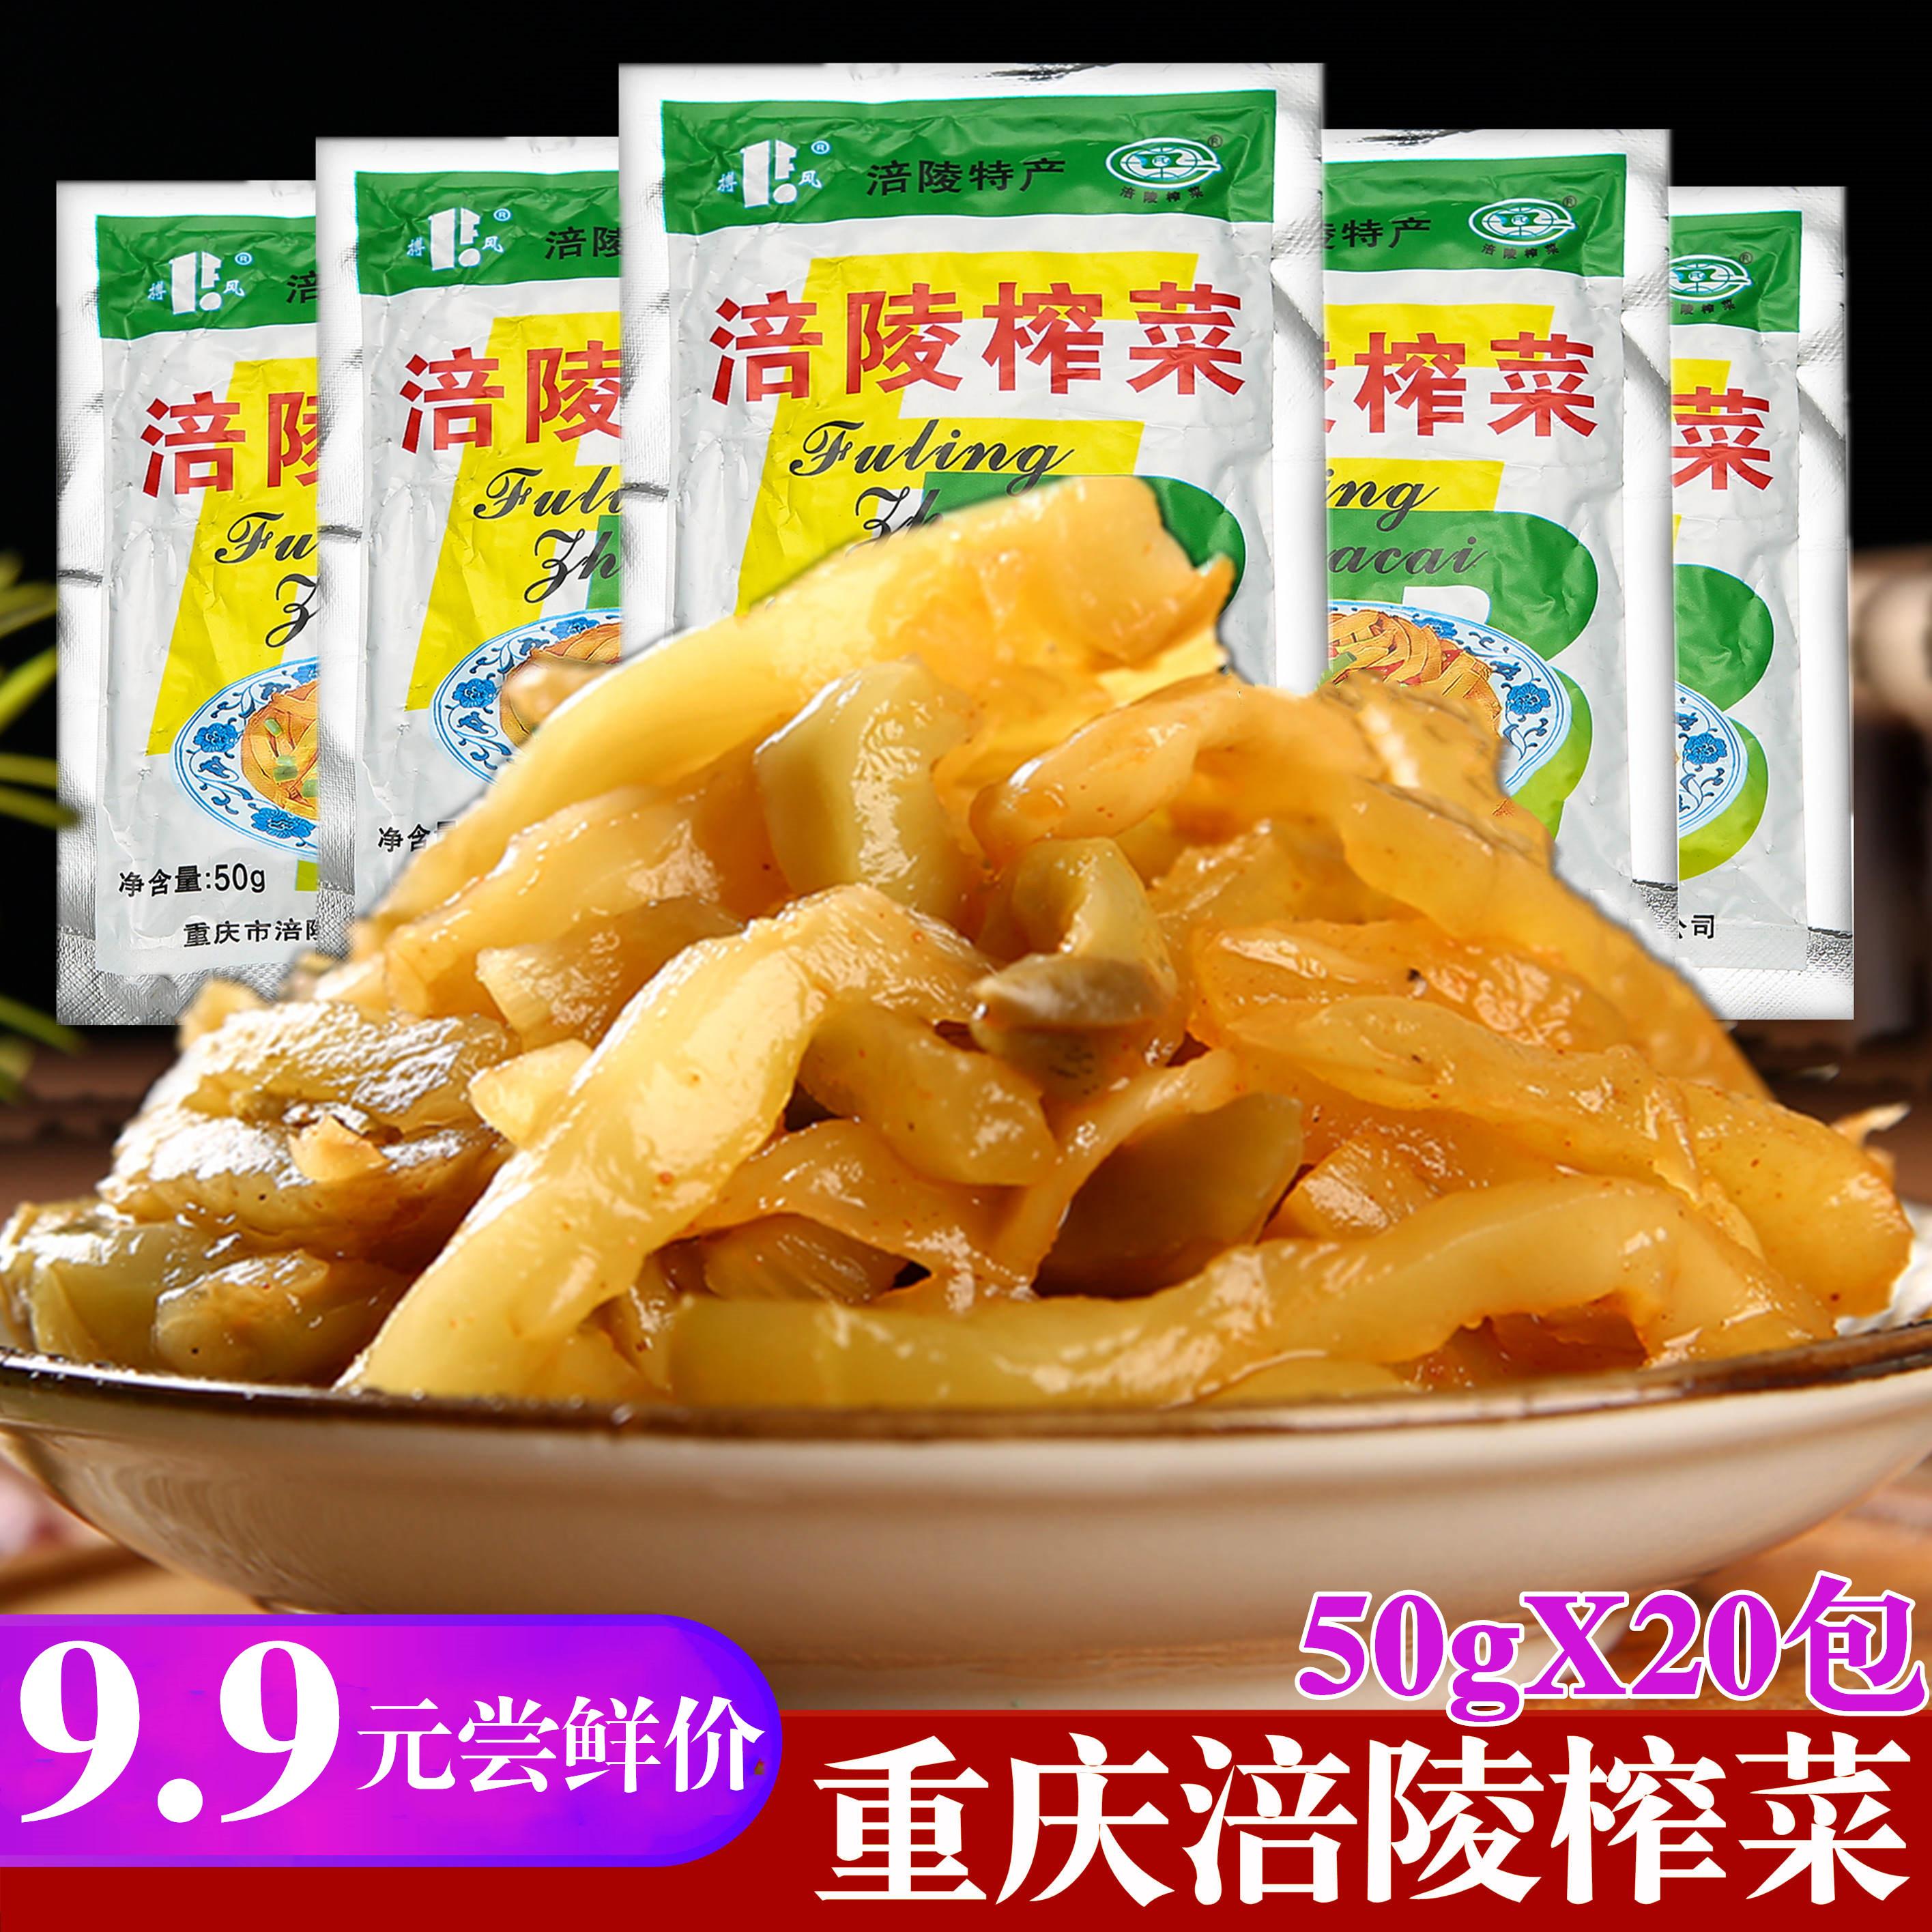 涪陵榨菜丝50g*20袋重庆正宗下饭菜农家腌菜航空下饭菜泡菜小包装